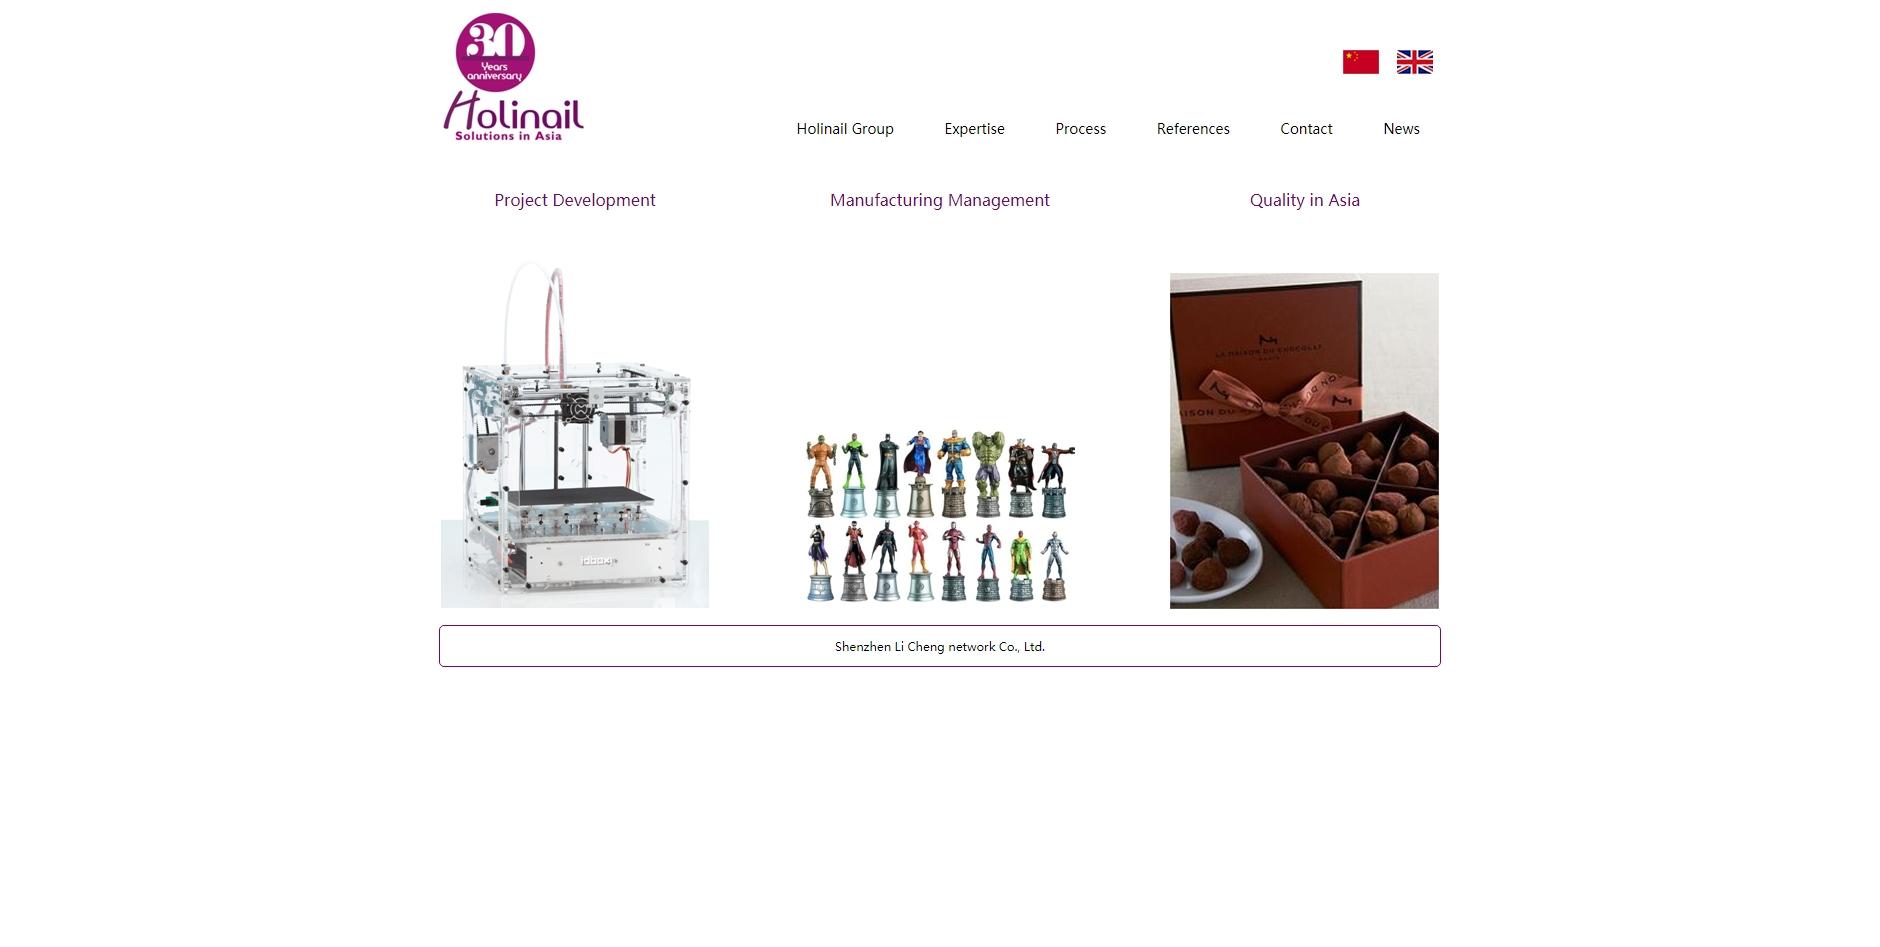 紫色外贸类网站模板html源码